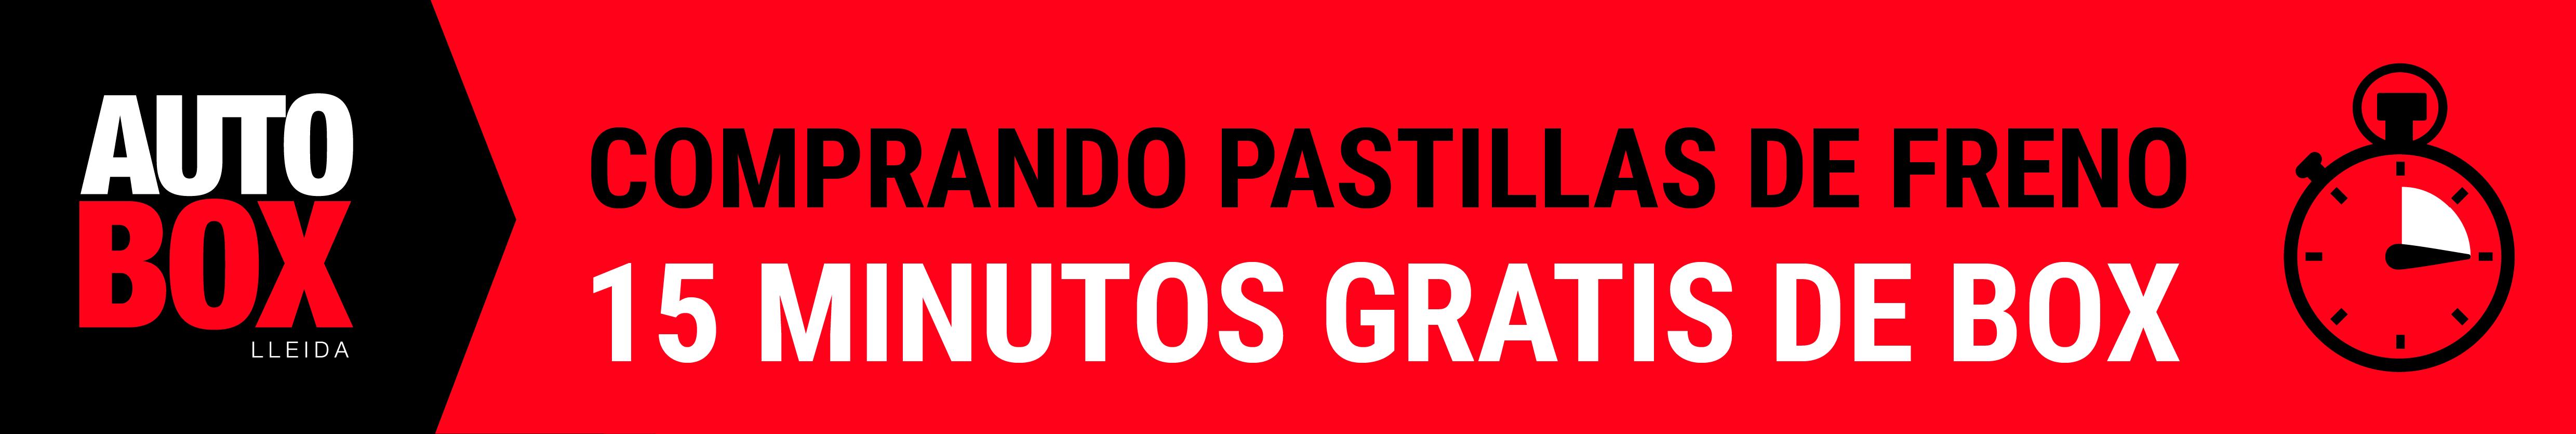 OFERTA PASTILLAS DE FRENO